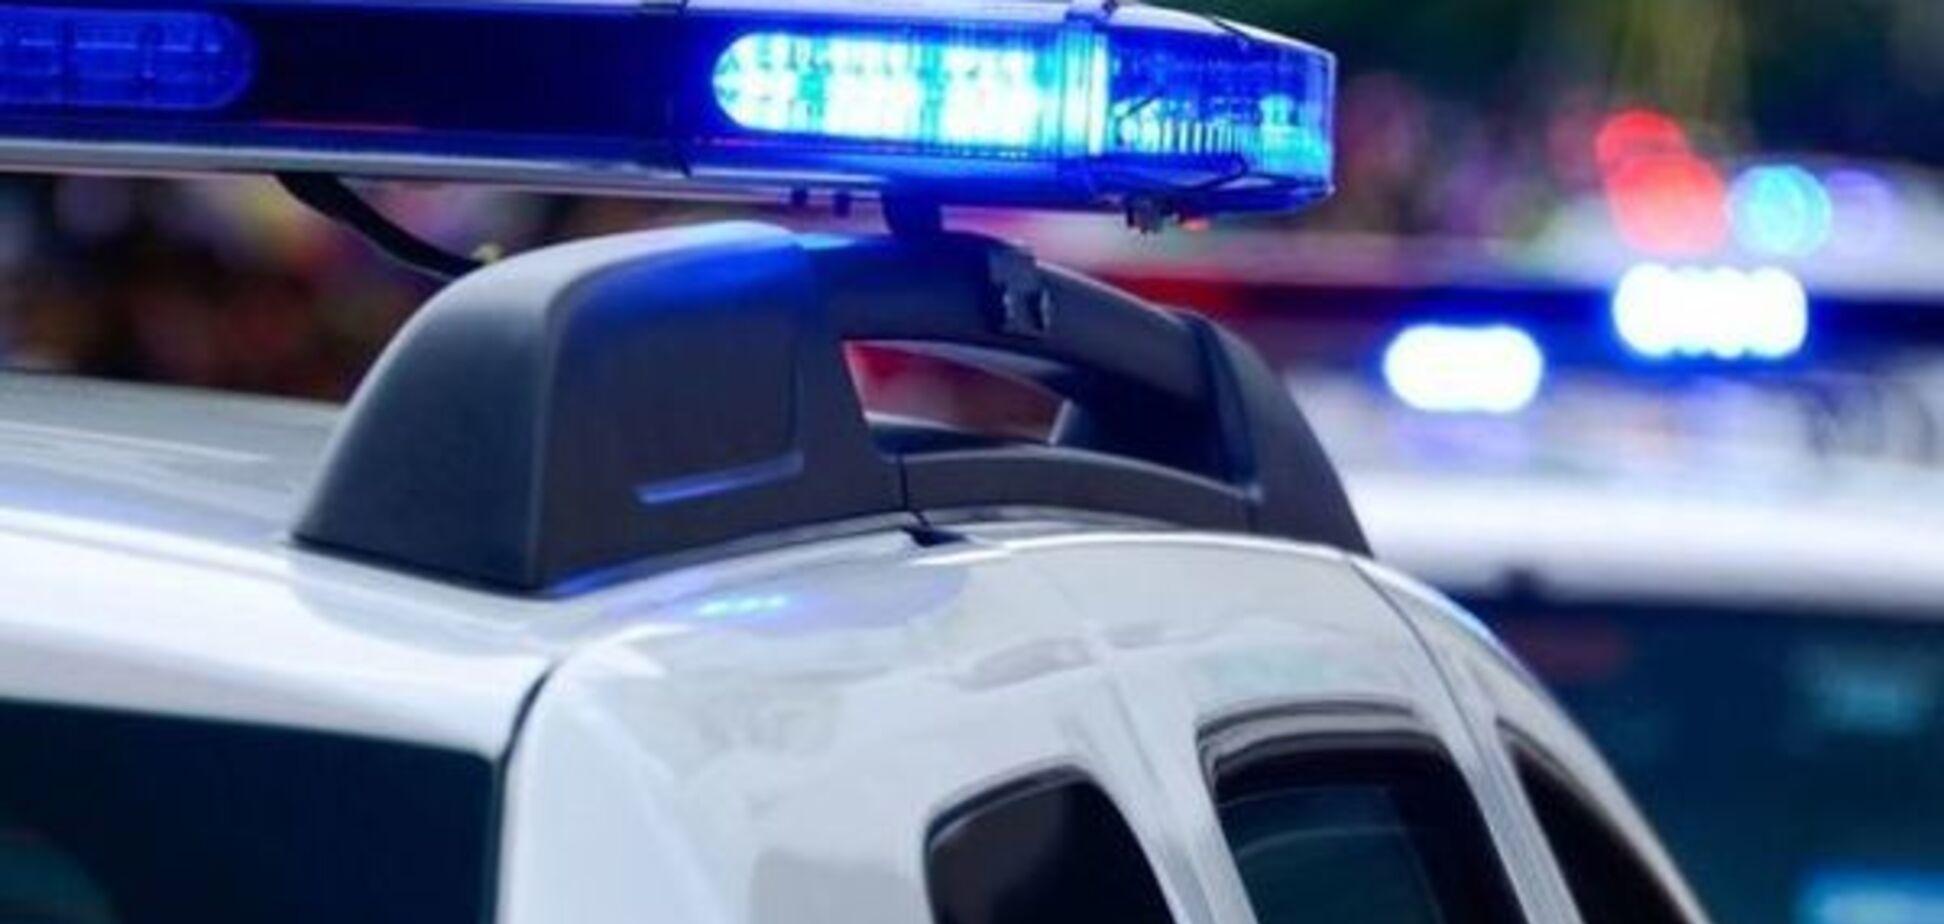 У Києві прямо на вулиці лжекопи викрали двох дівчат: введено план ''Перехоплення''